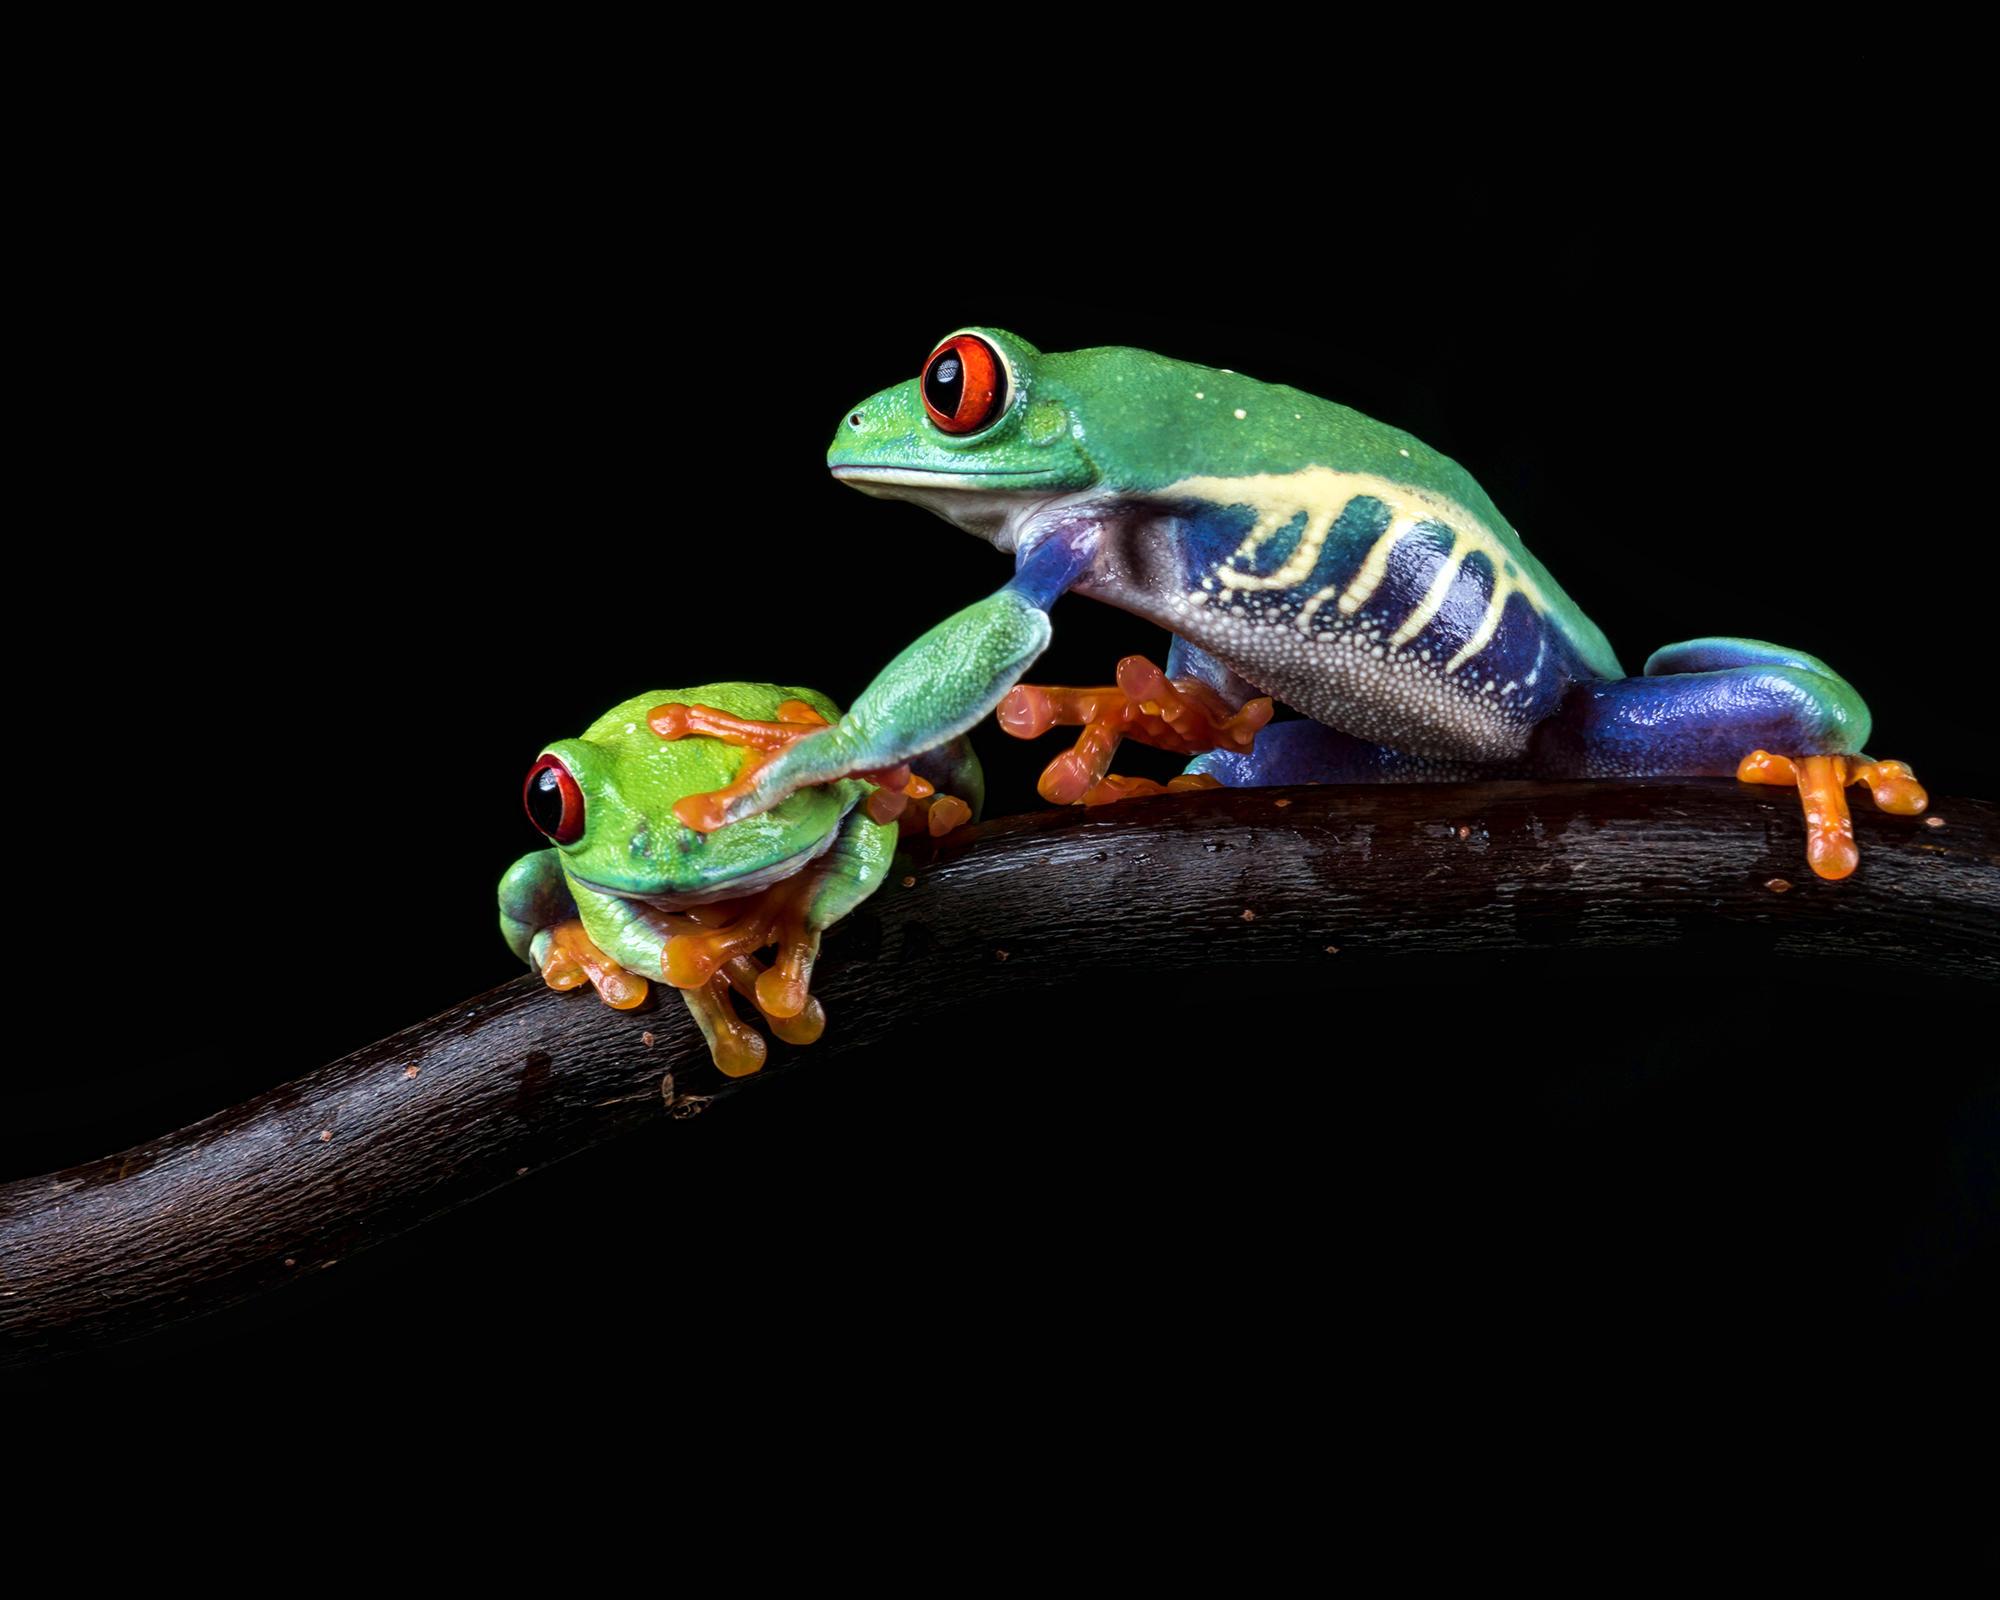 Обои лягушка, Земноводные, пресмыкающиеся